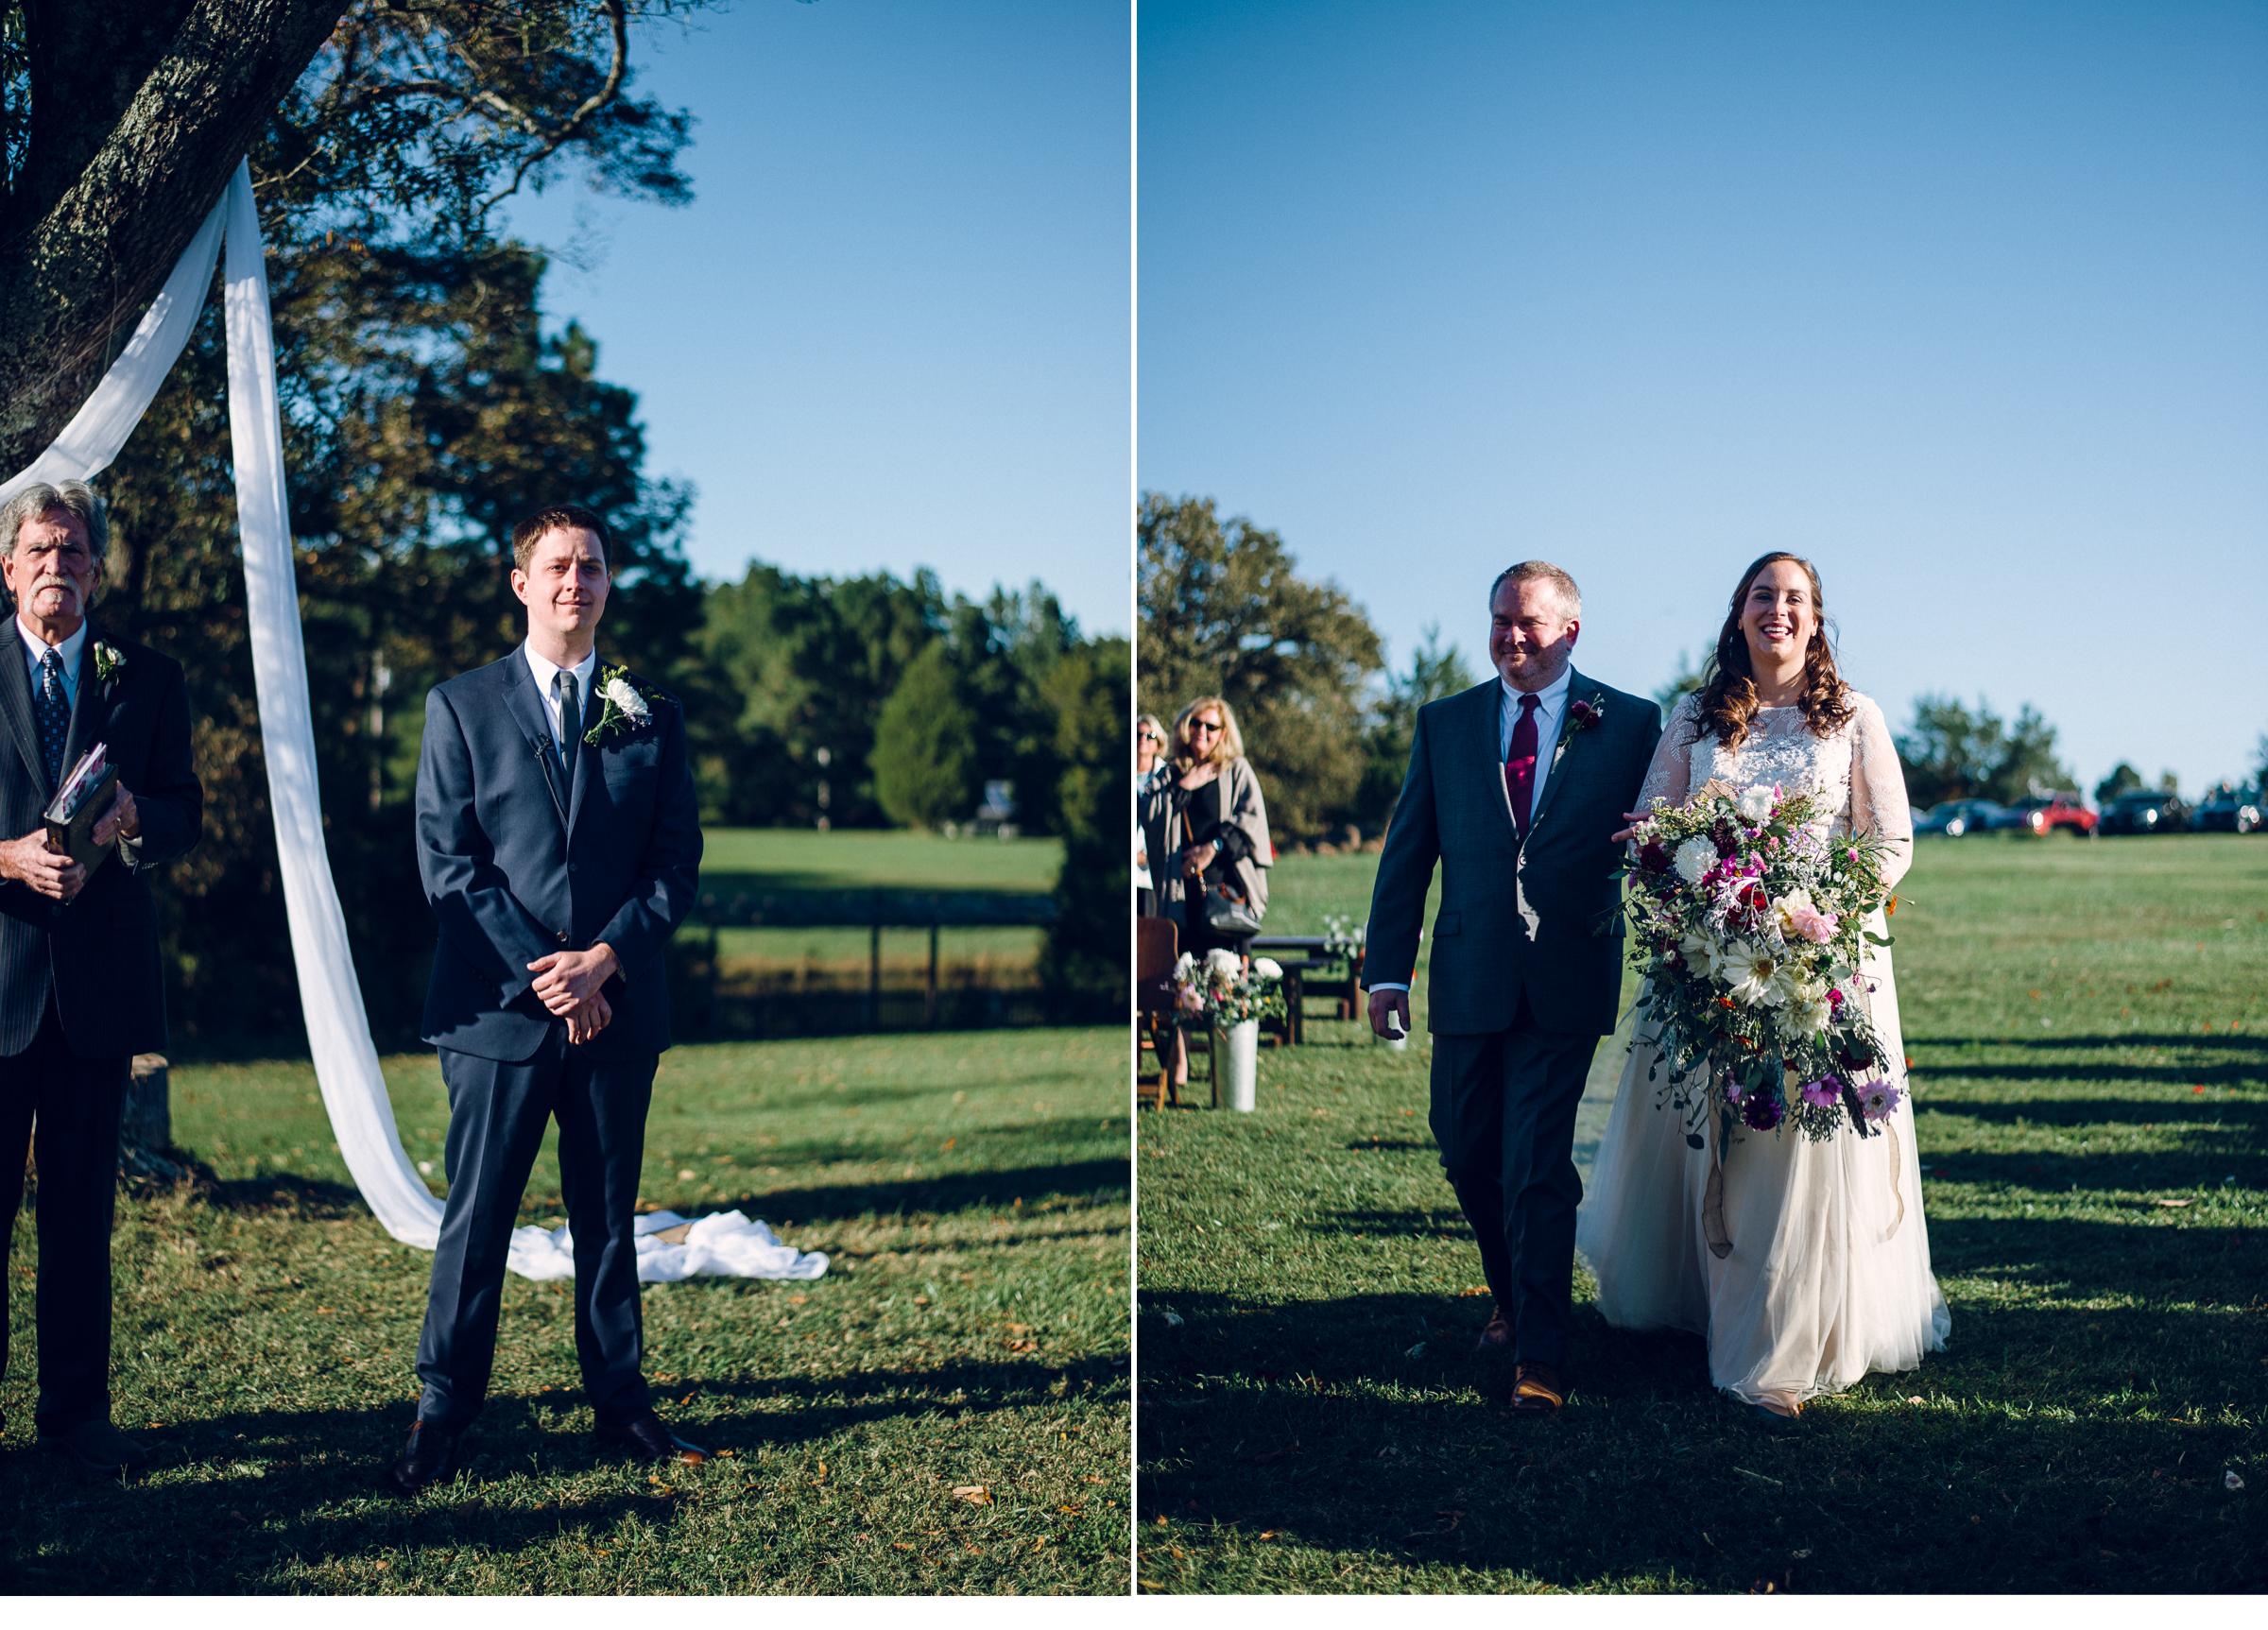 Stewart Wedding 25.jpg